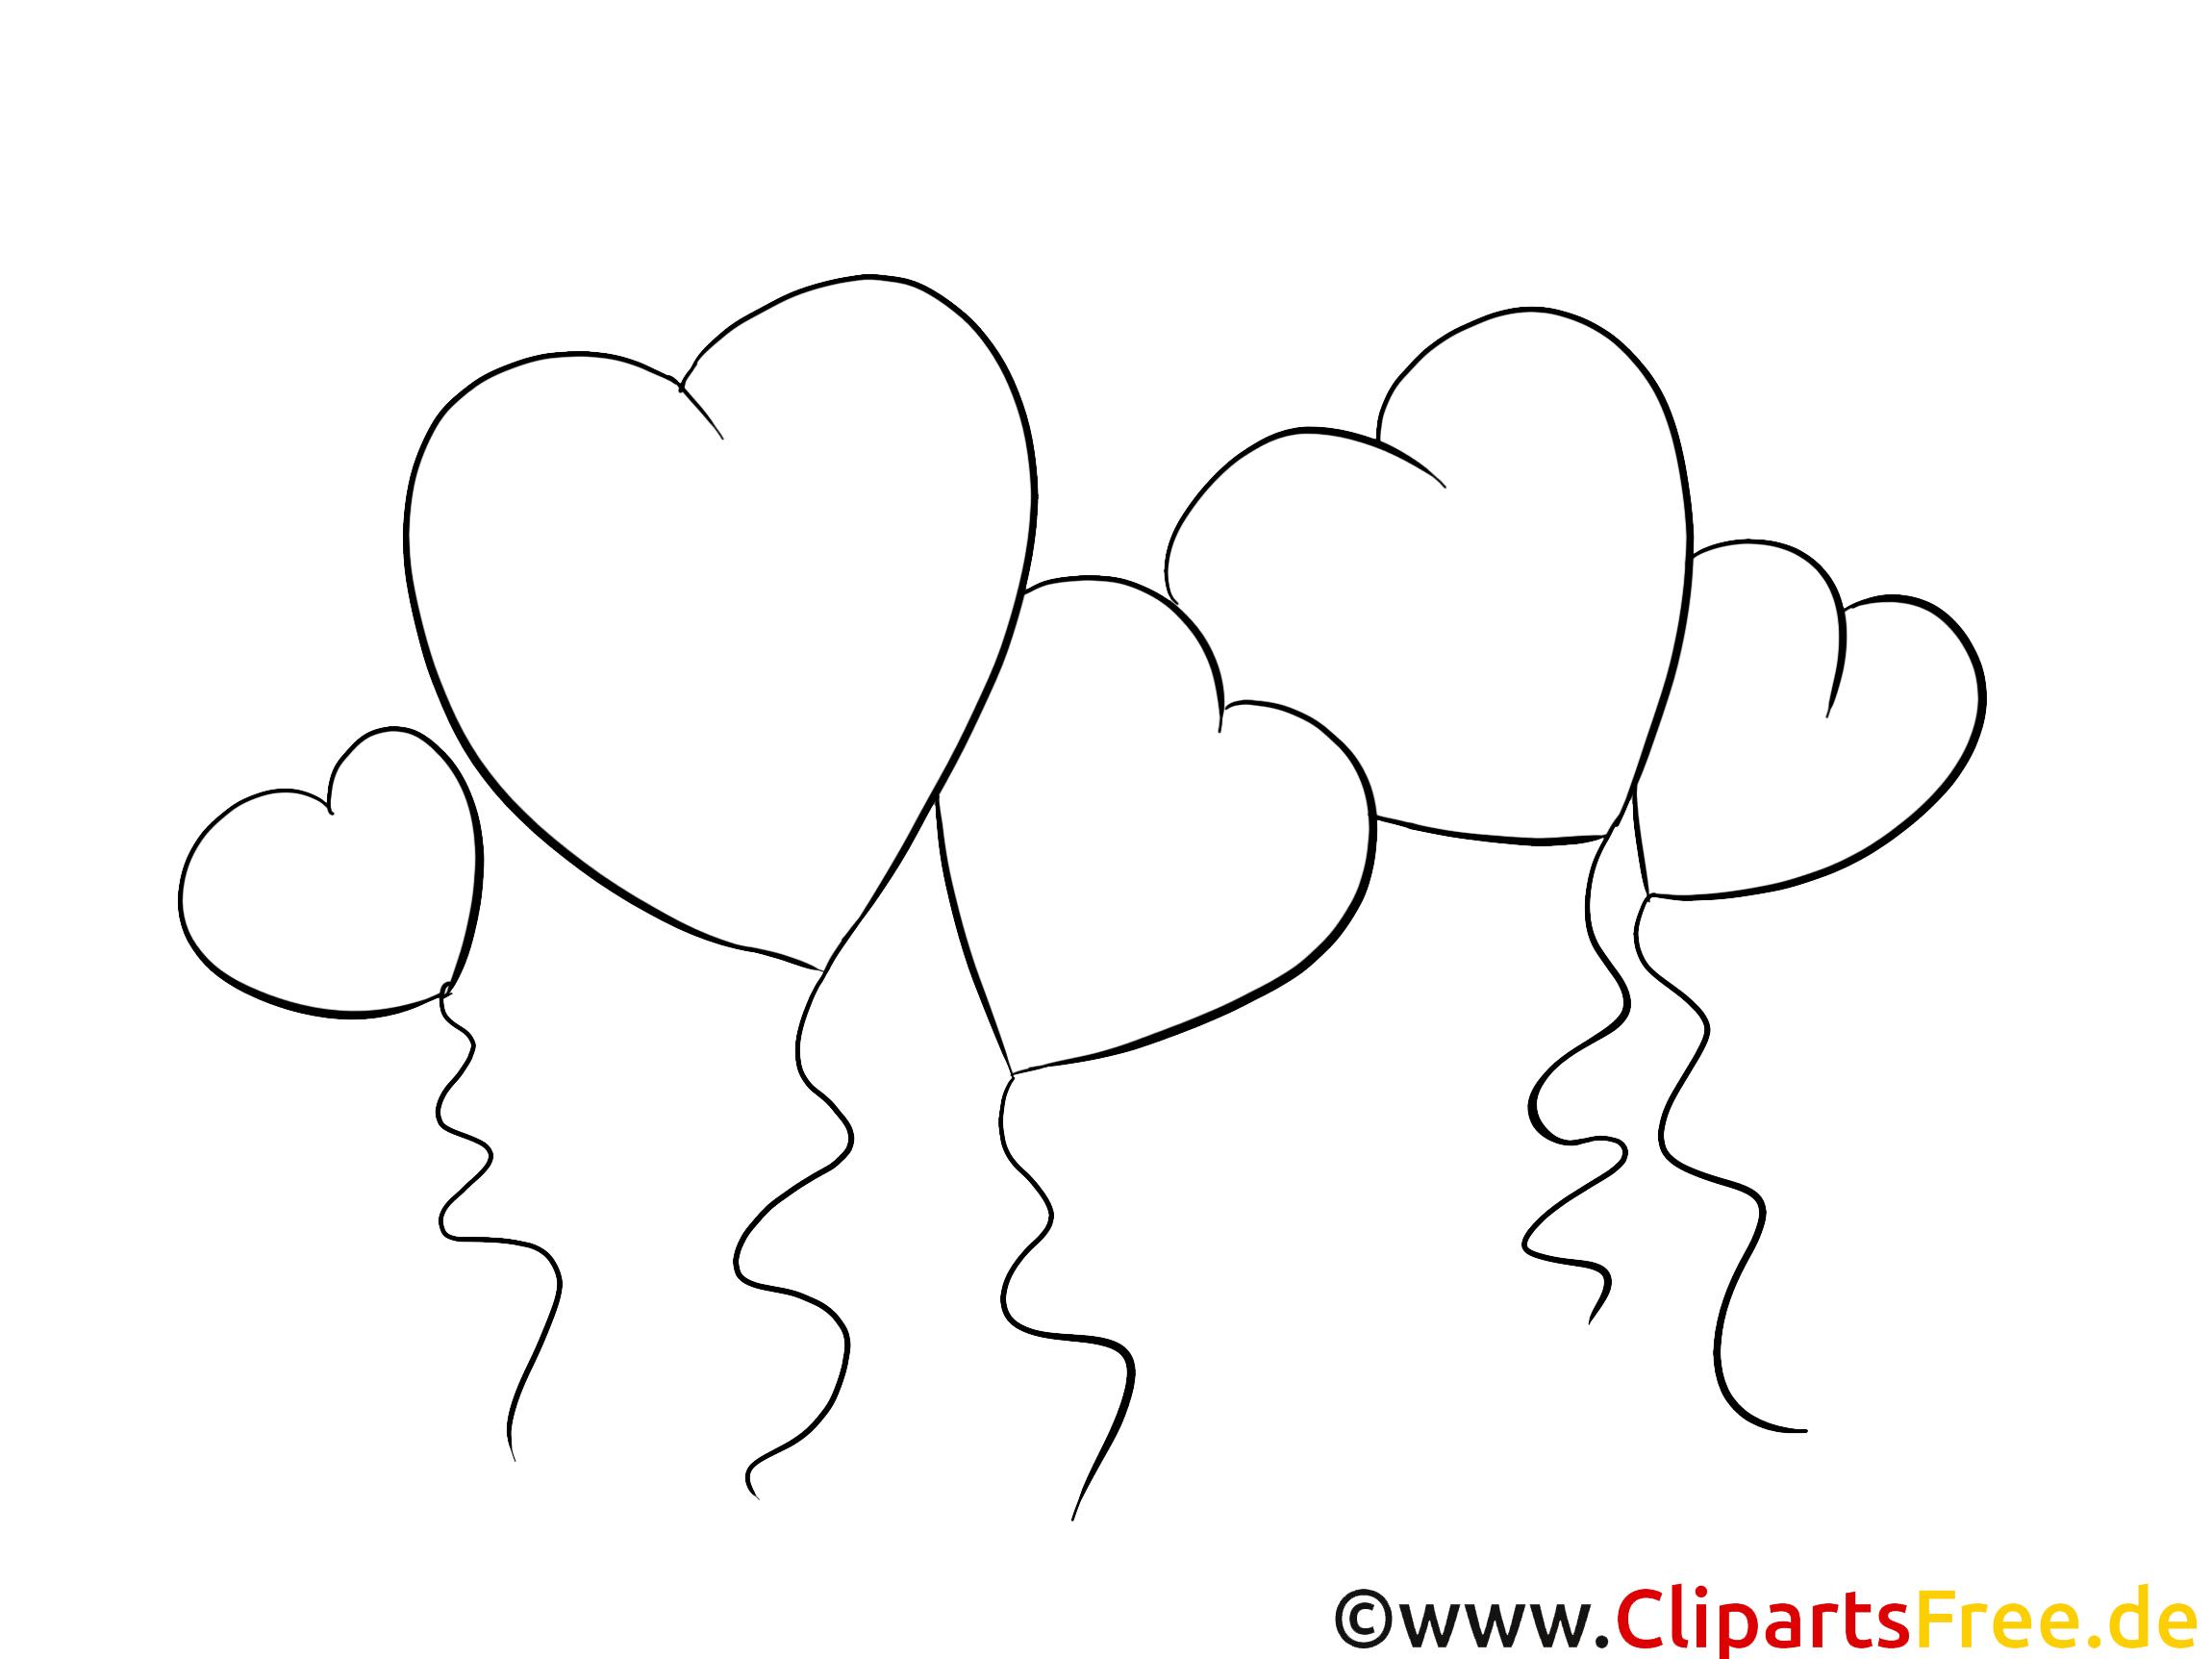 Ausmalbilder B R Mit Luftballon Die Beste Idee Zum Ausmalen Von Seiten